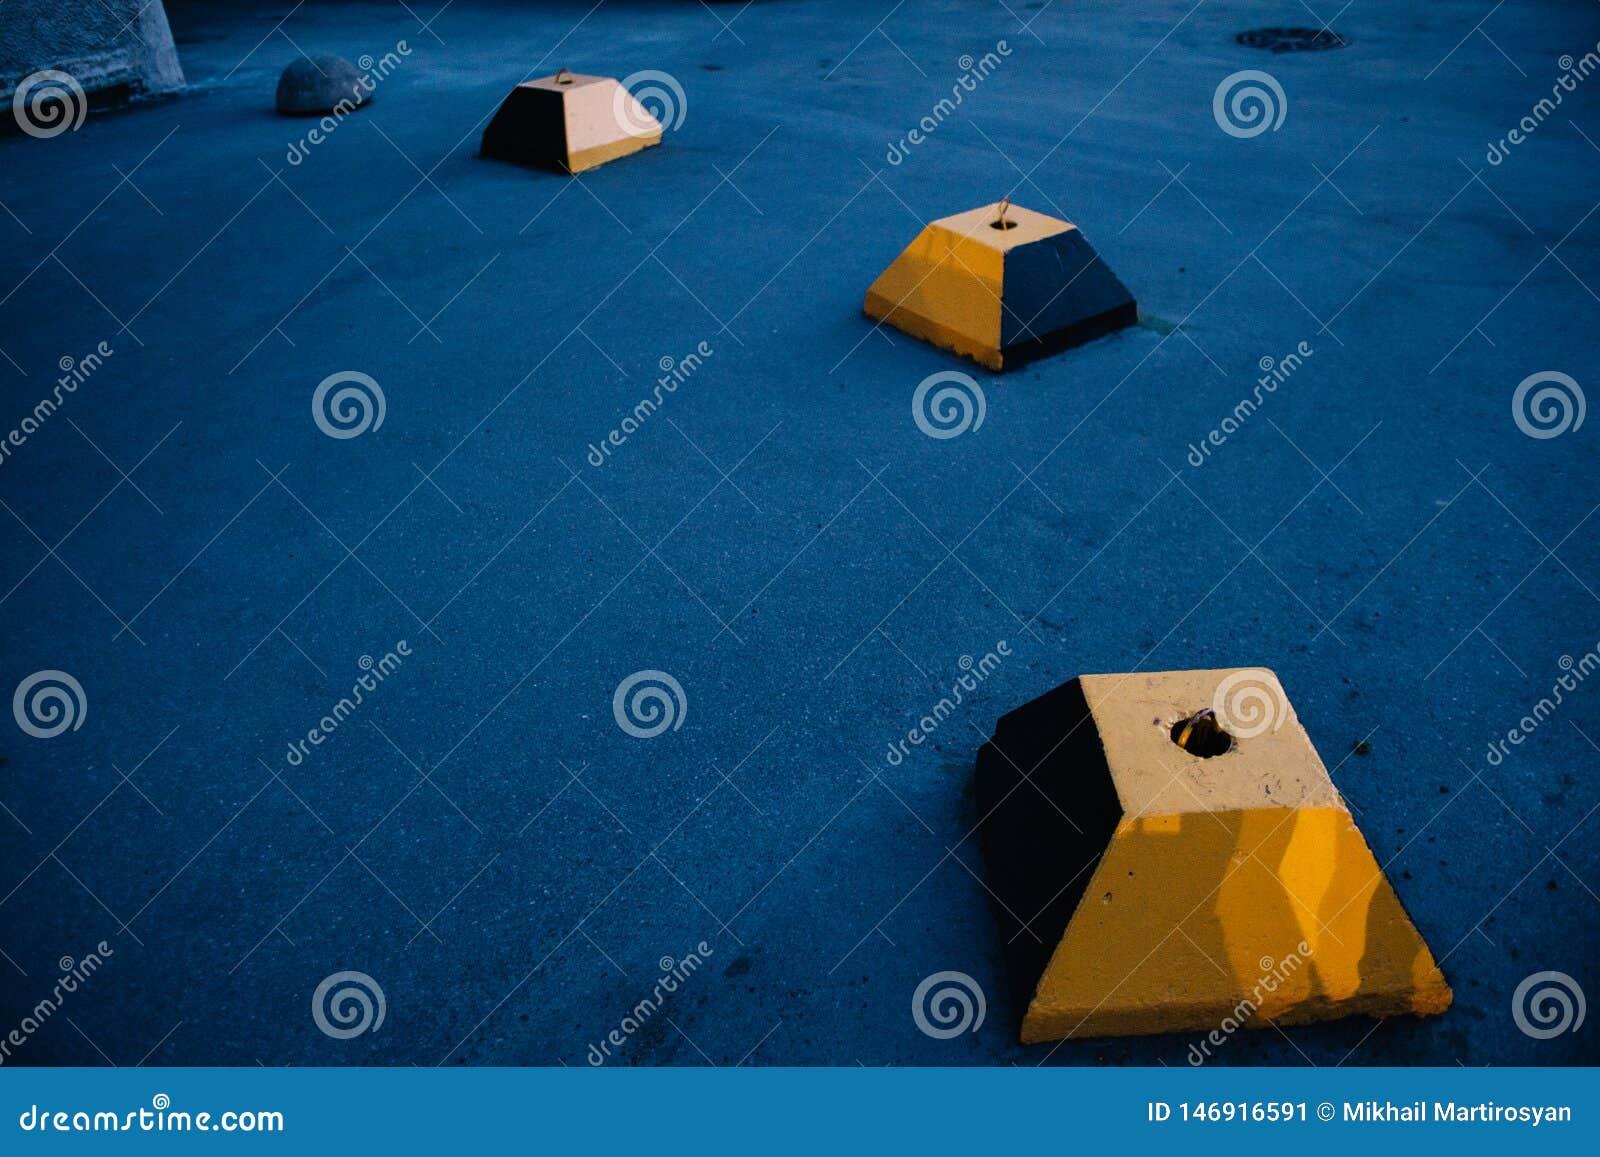 Ο τσιμεντένιος ογκόλιθος της περικομμένης κίτρινης πυραμίδας στα πλαίσια της μπλε ασφάλτου